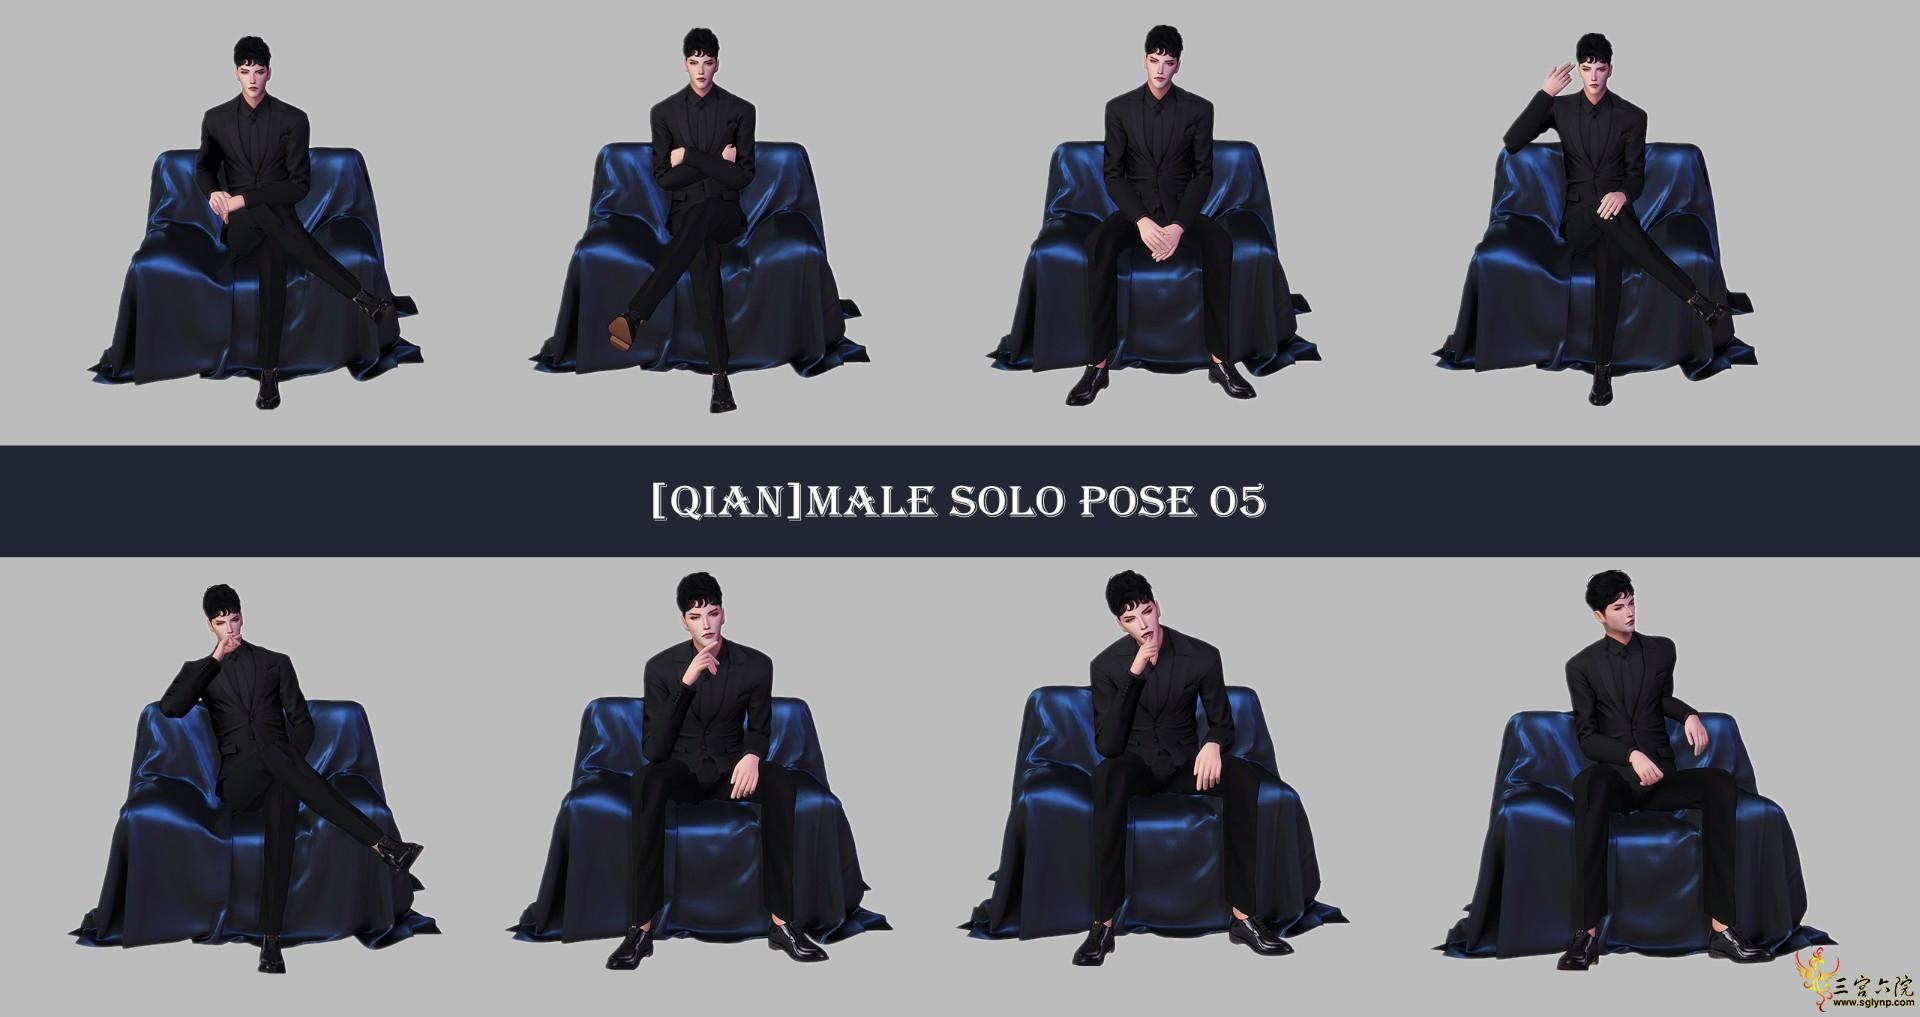 [Qian]Male solo pose 05.jpg